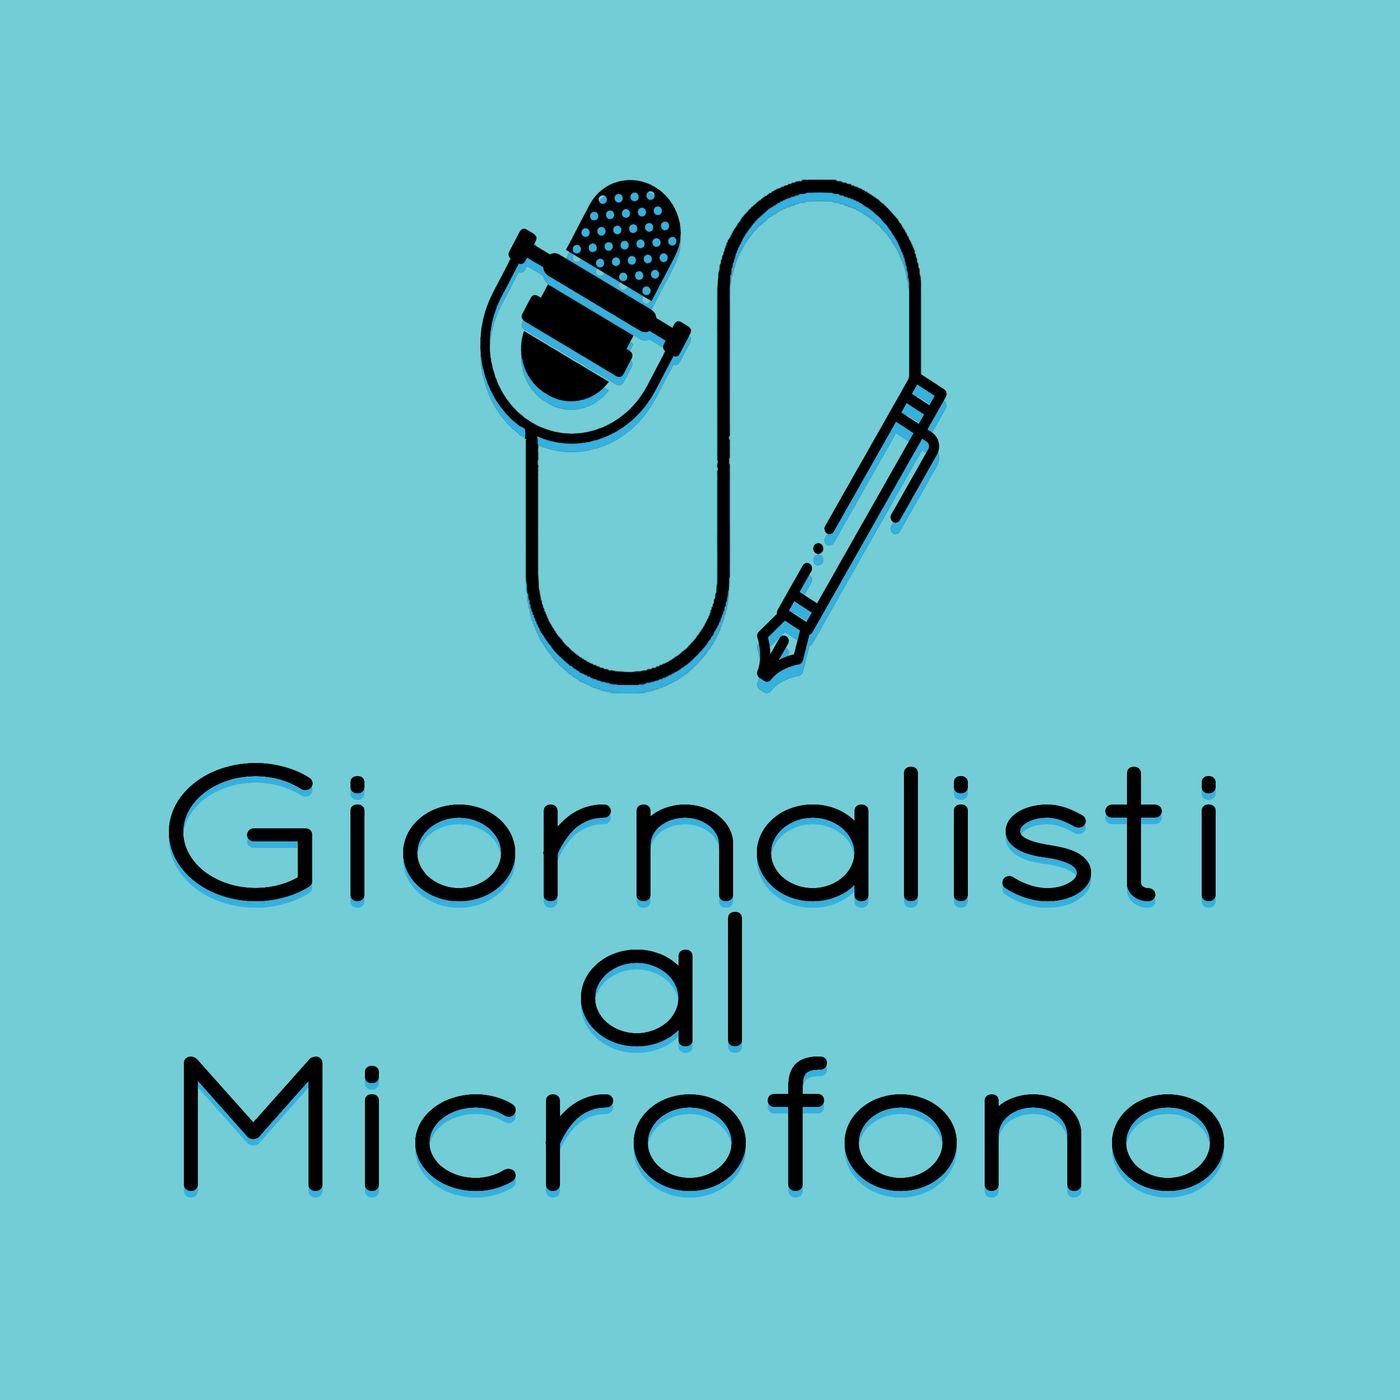 Dall'8 ottobre inizia la seconda stagione di Giornalisti al Microfono